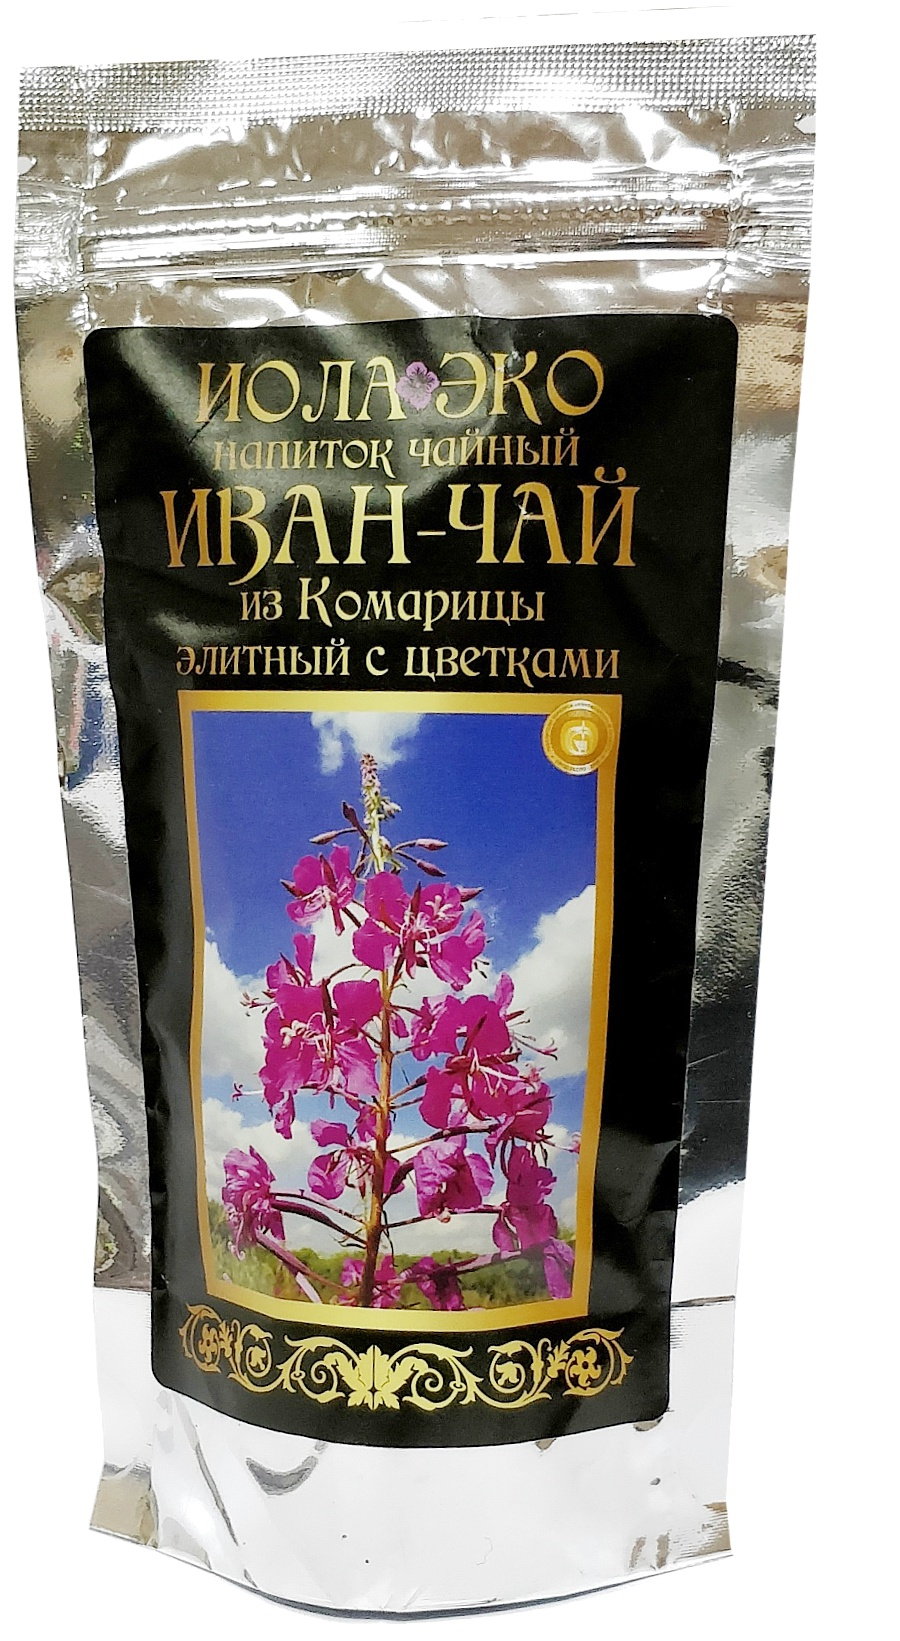 Чай листовой ферментированный Иван-чай из Комарицы Элитный, Иван-чай, 75 иван дубровин целительная магия чая